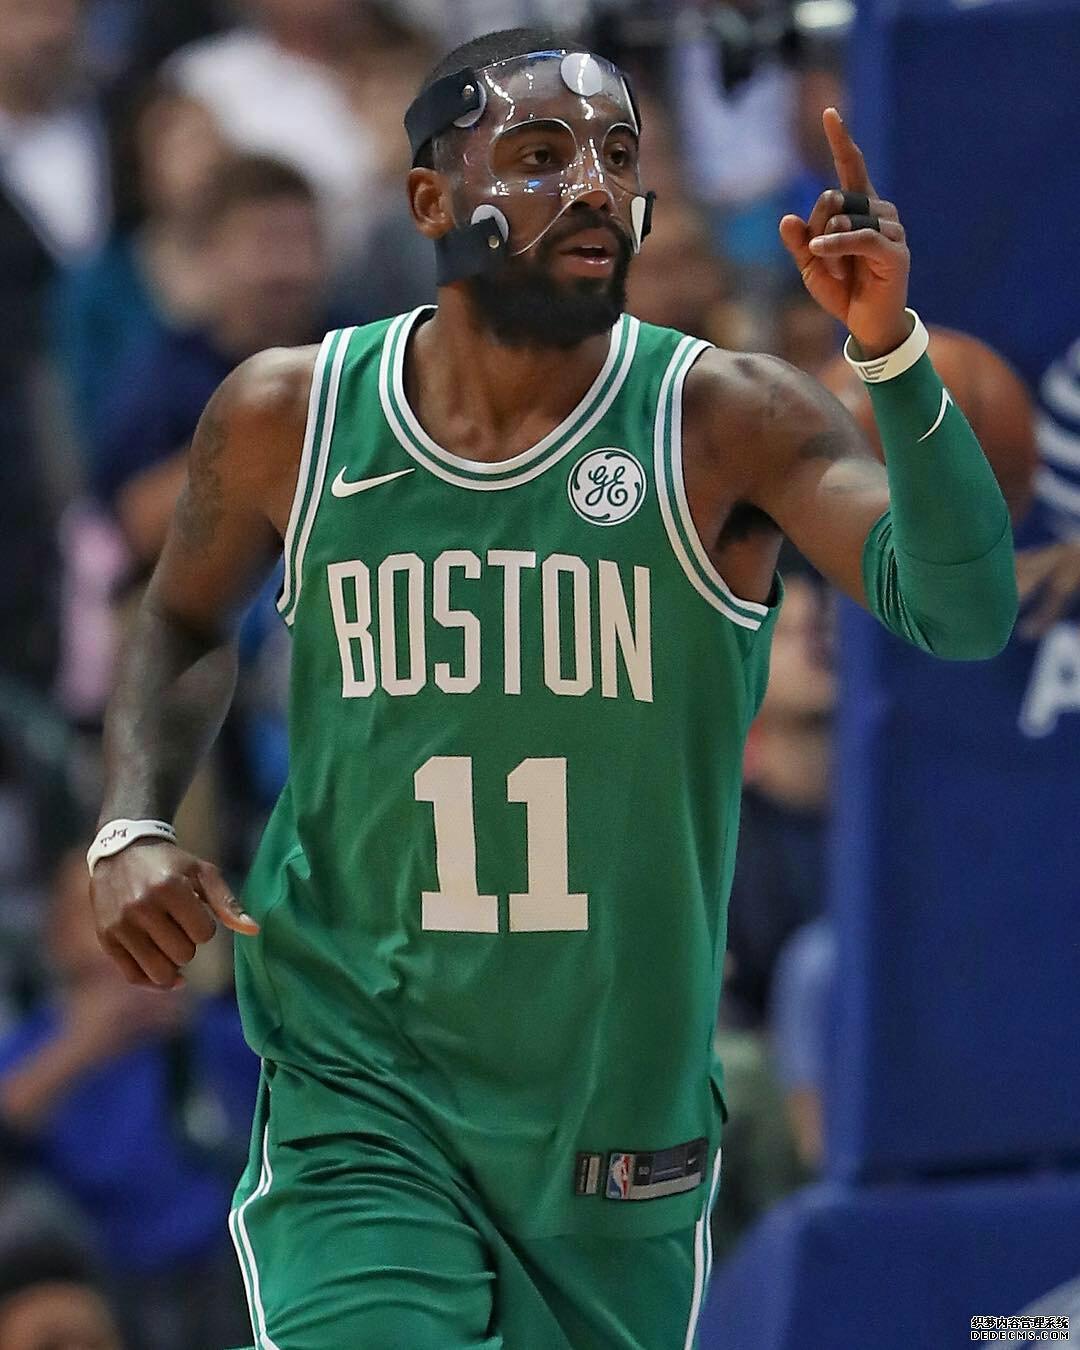 职业篮球运动员,司职控球后卫,效力于nba波士顿凯尔特人队.图片